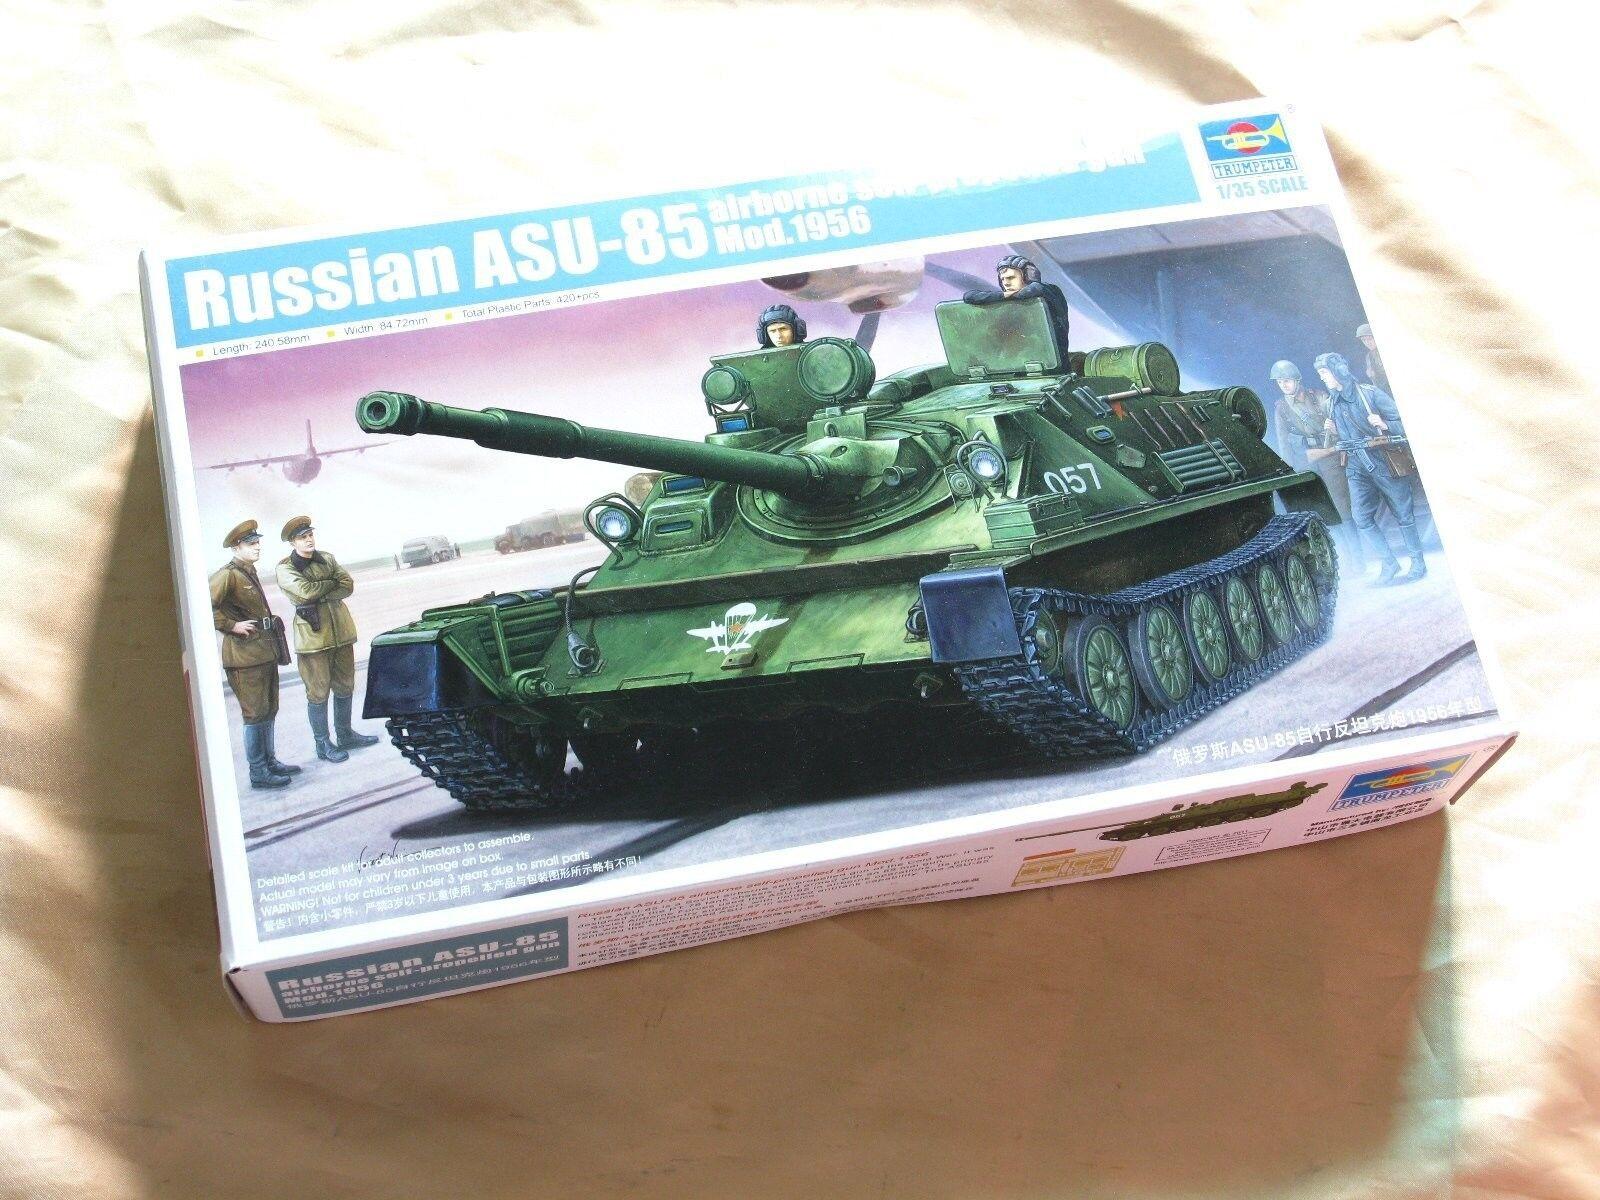 opciones a bajo precio 01589 1 35 escala ASU-85 cañón arma autopropulsada autopropulsada autopropulsada antitanque modelo Trumpeter  barato y de alta calidad